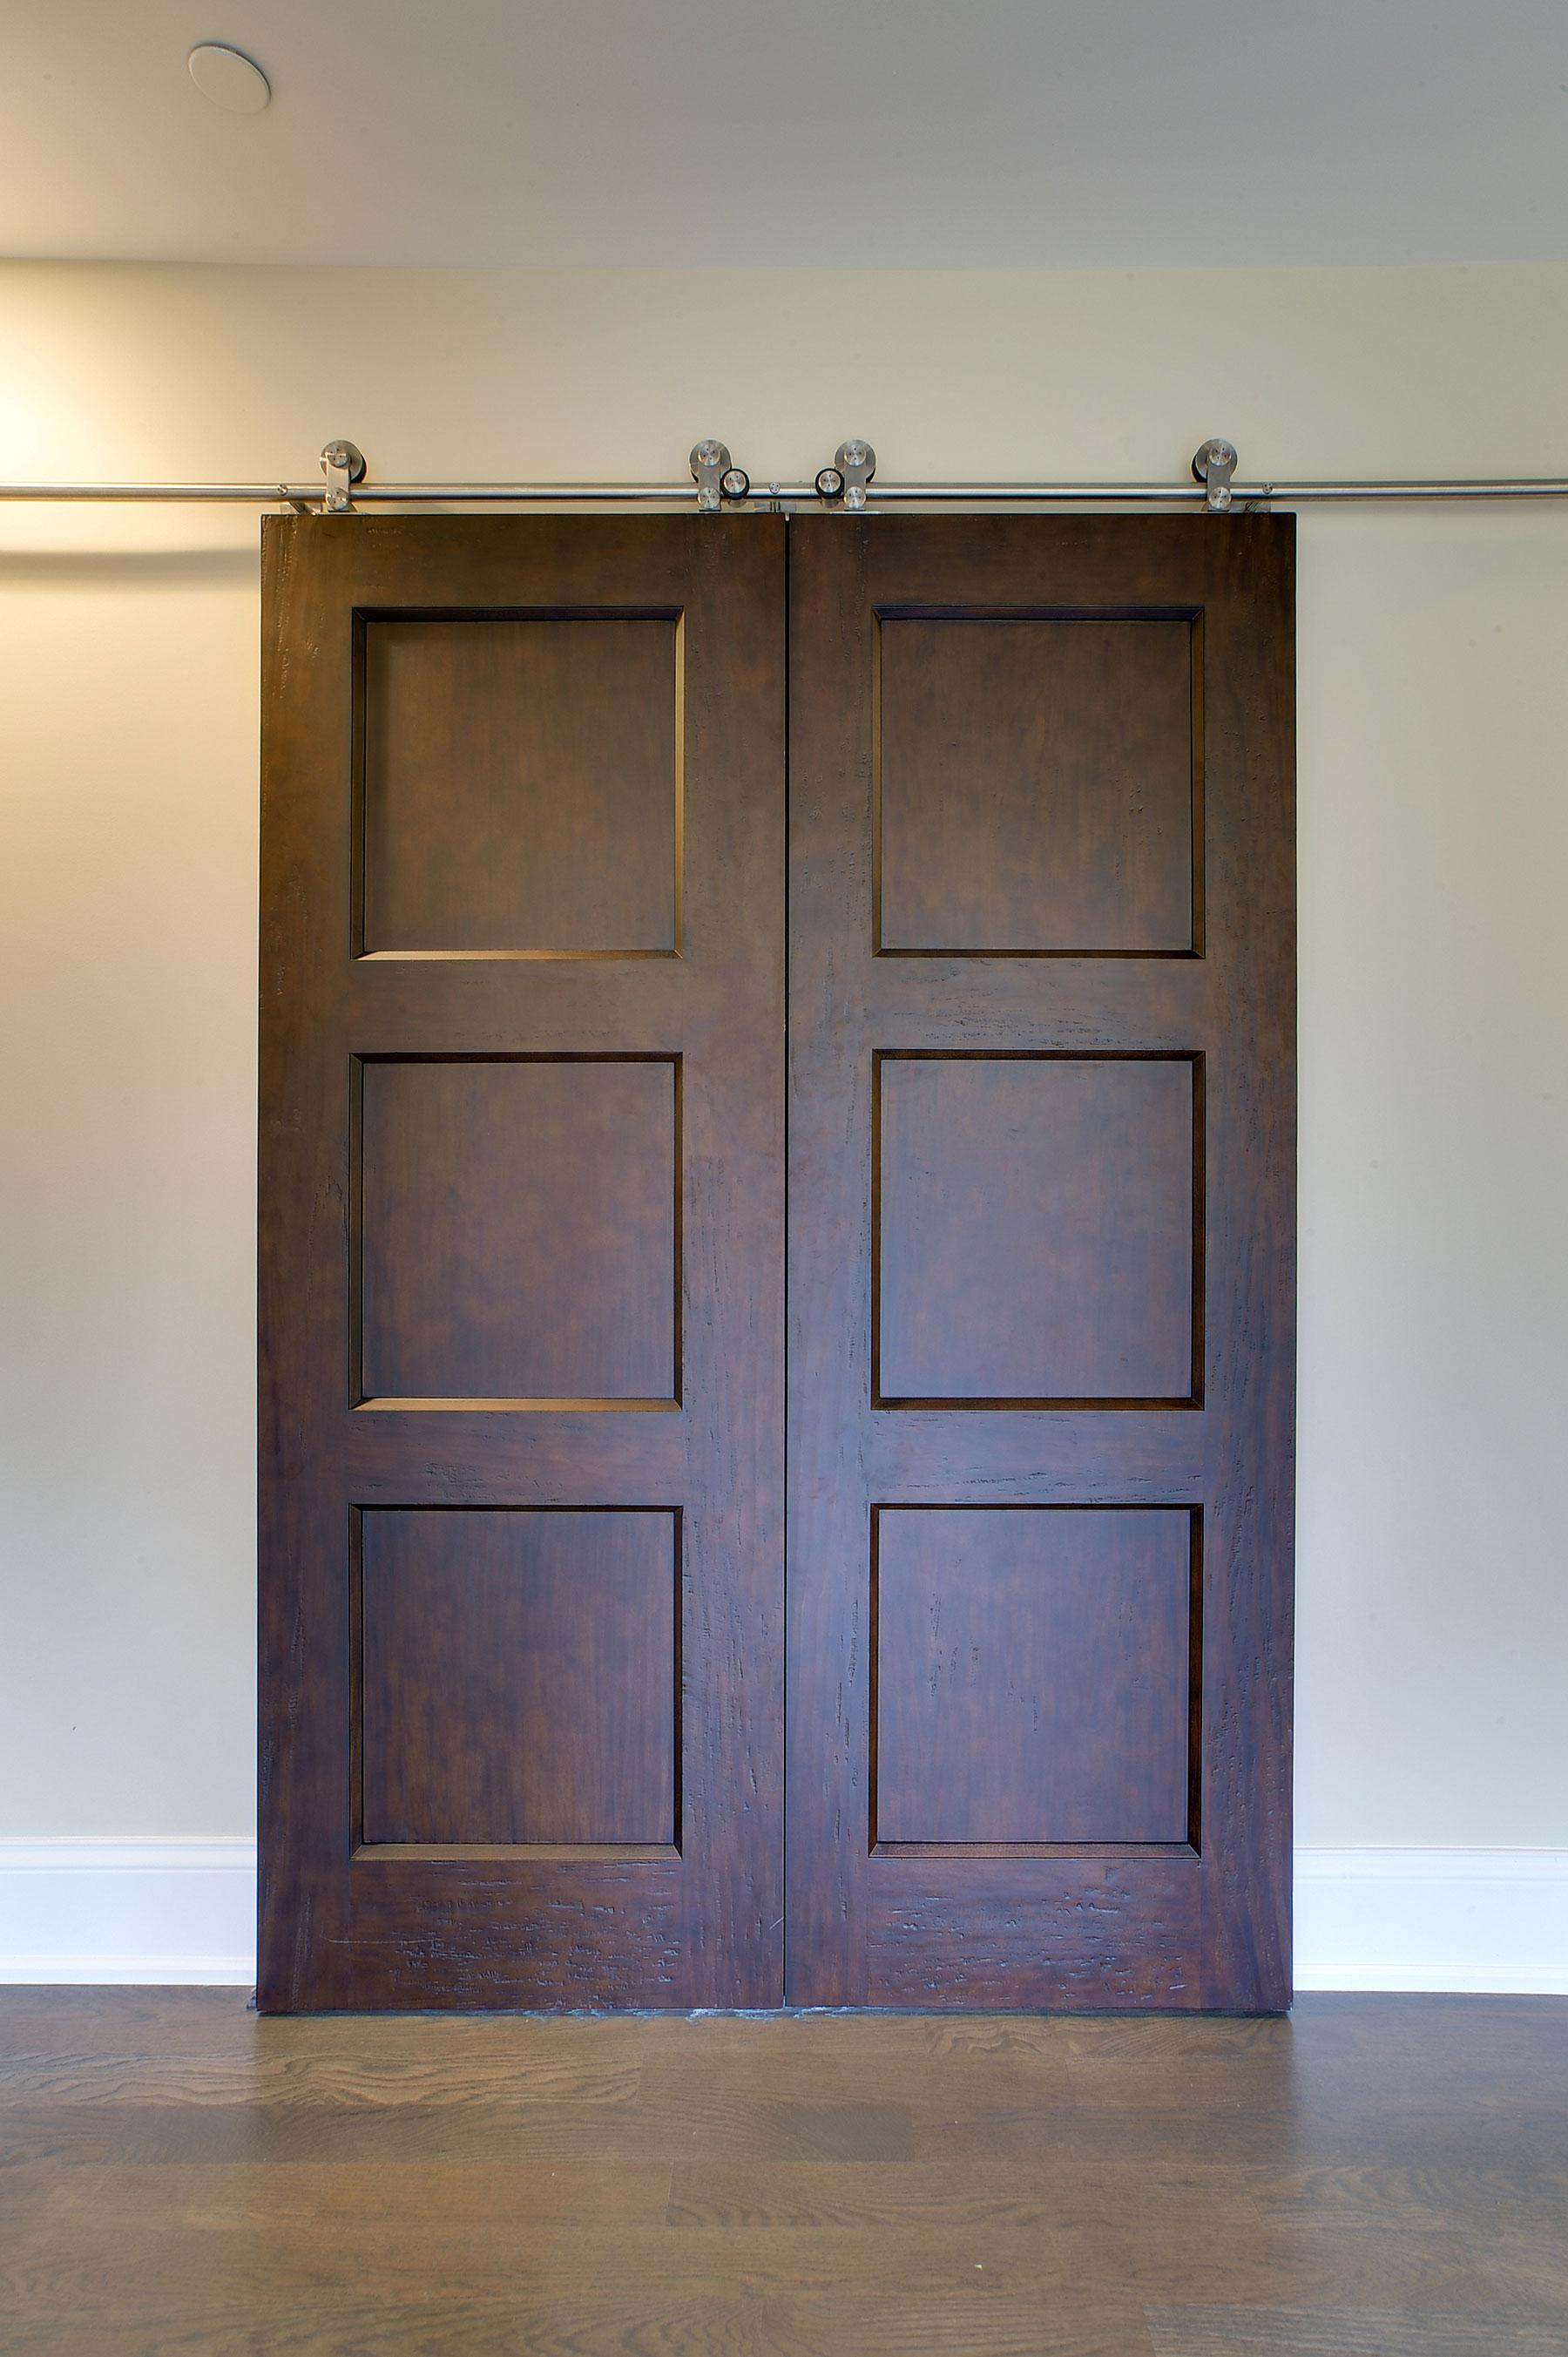 Custom Classic Solid Wood Double Door Barn Doors Door Gallery In Stock And Custom Doors Pivot Doors Wine Cellar Doors Solid Wood Euro Technology Paint Grade Mdf